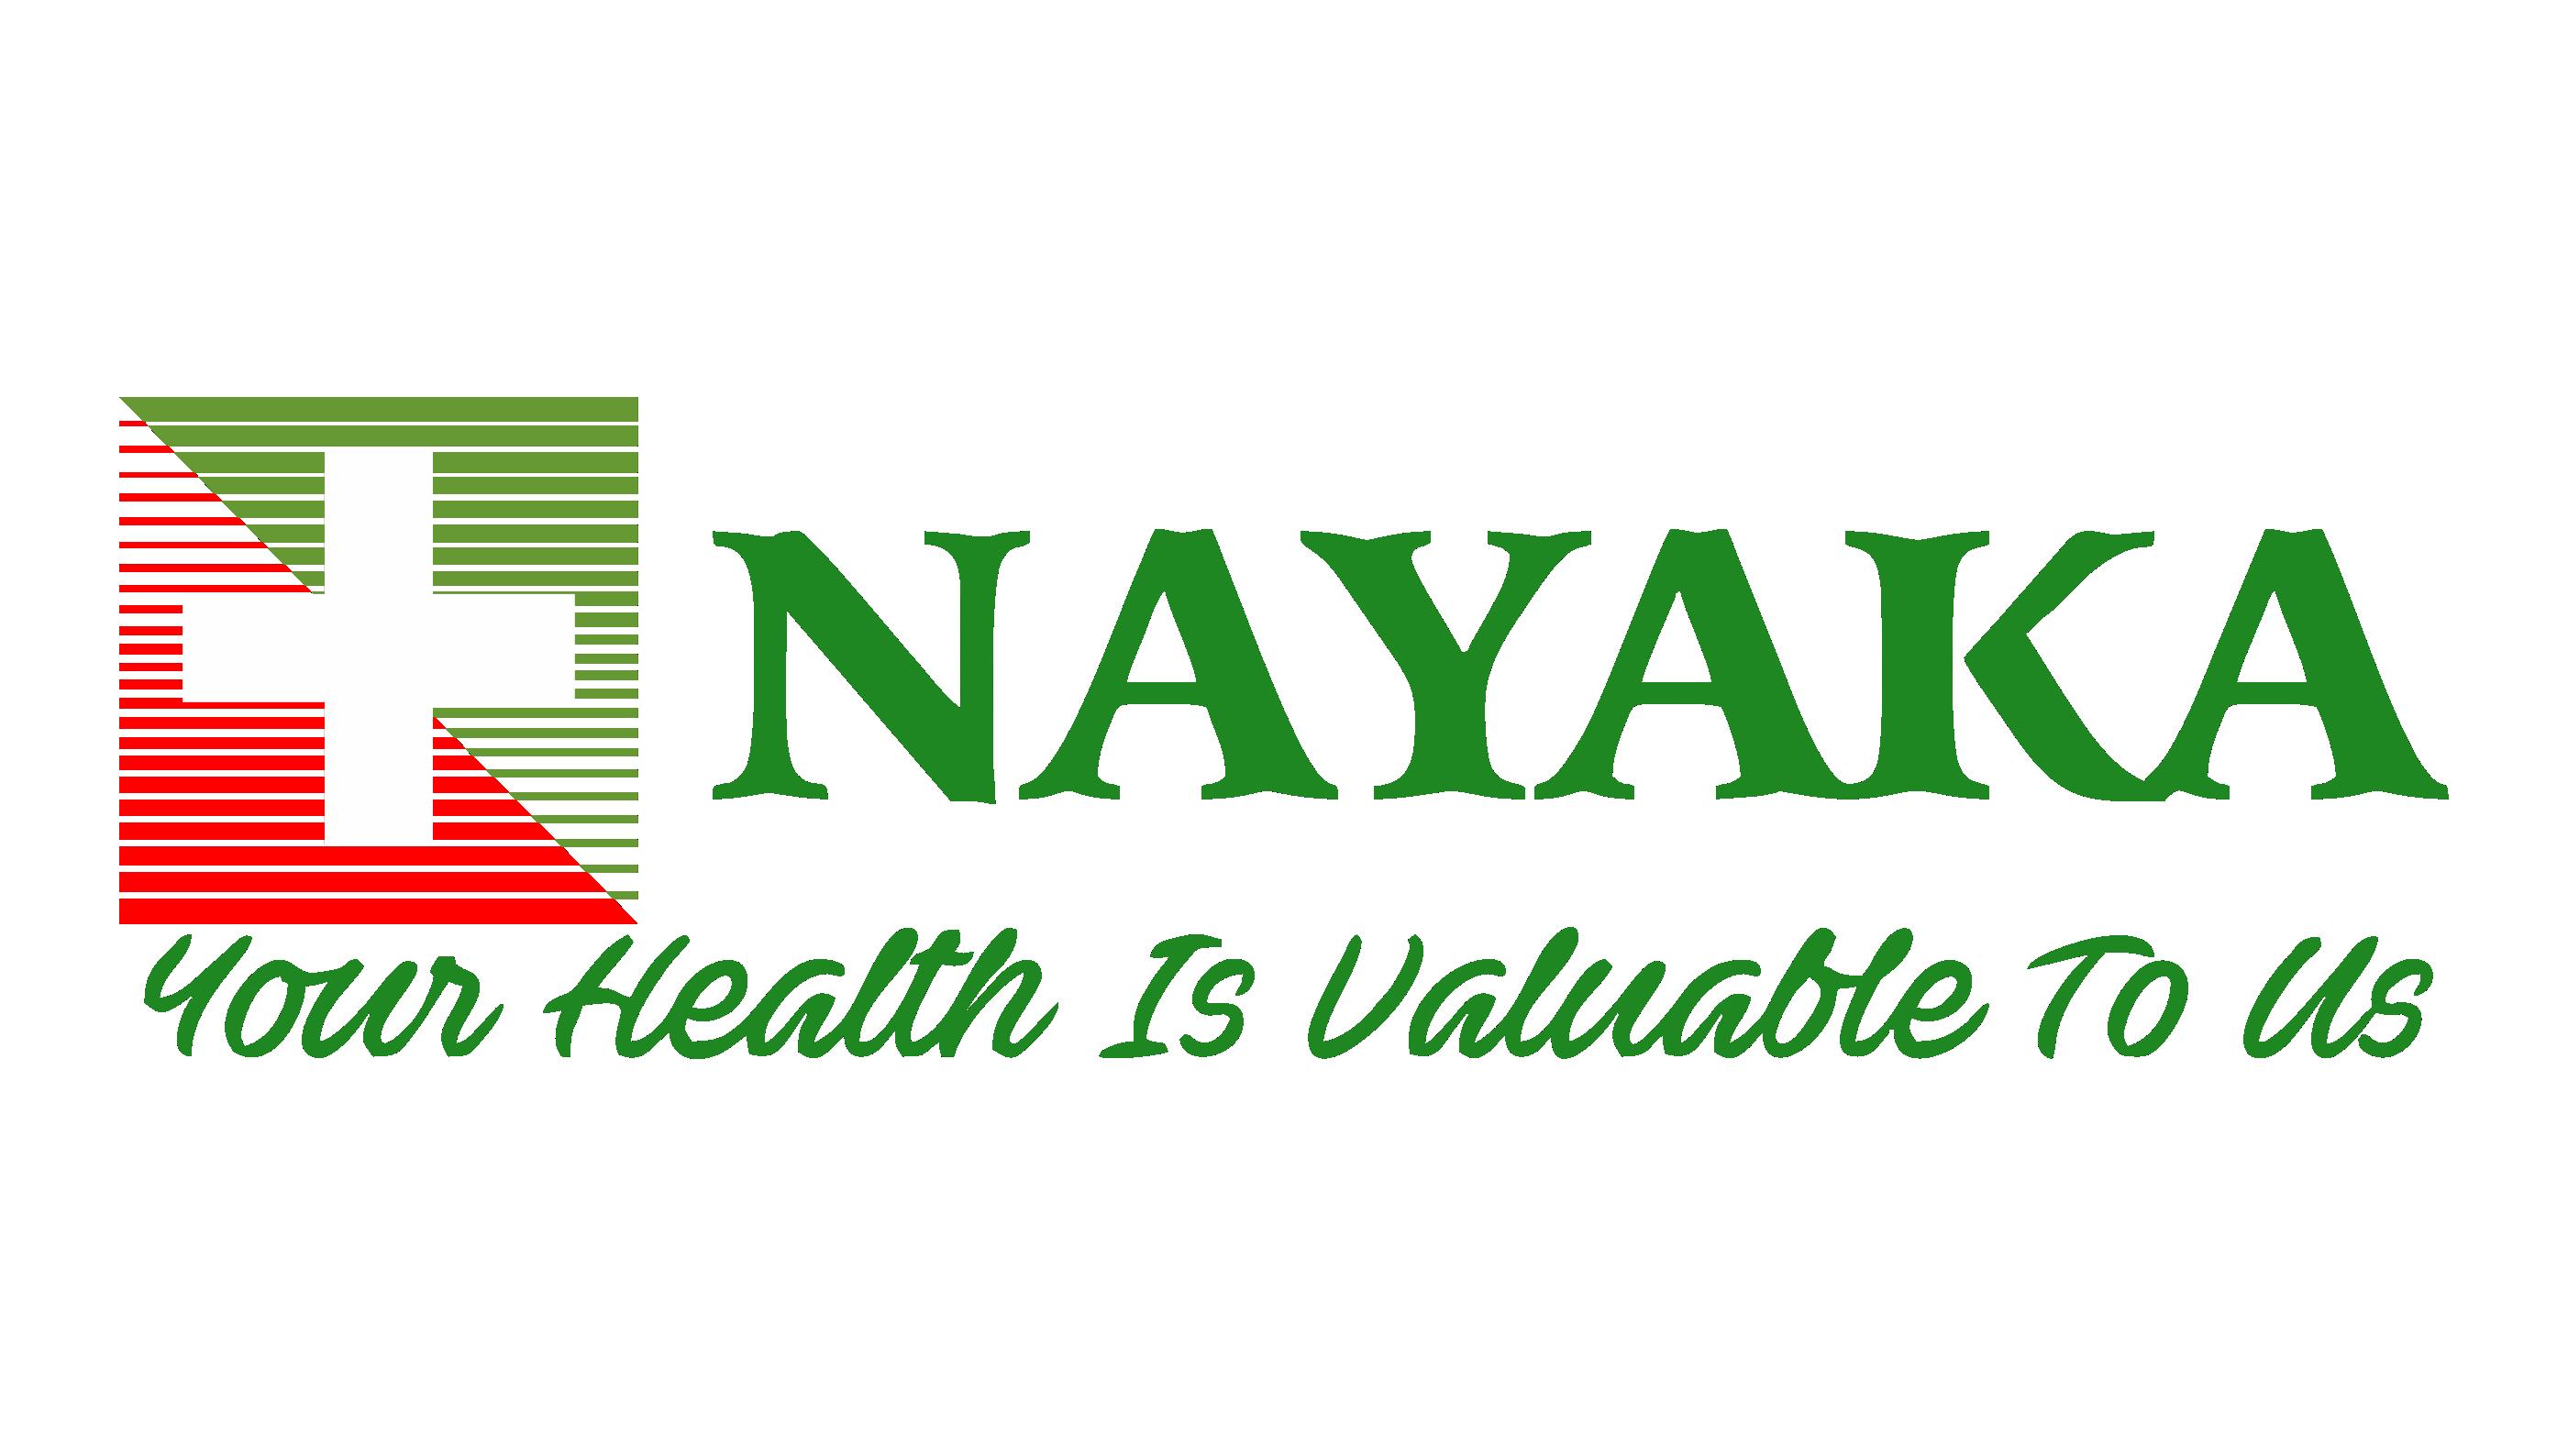 nayaka